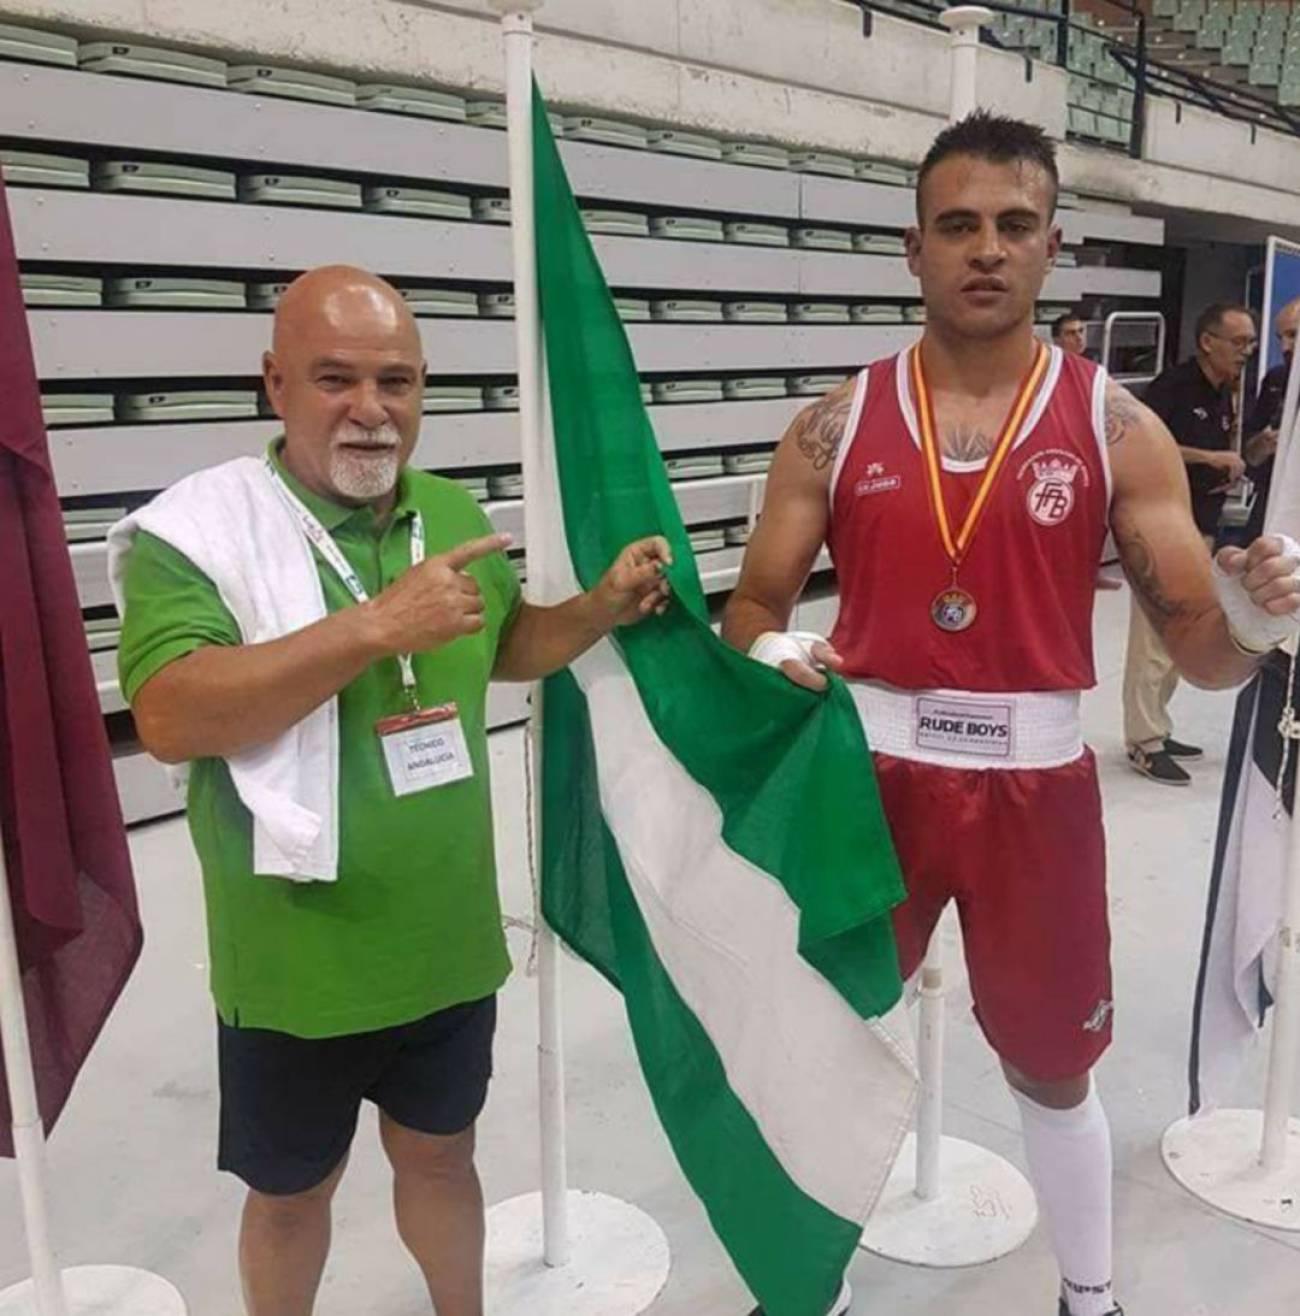 El boxeador Carlos Pinteño, a la derecha.